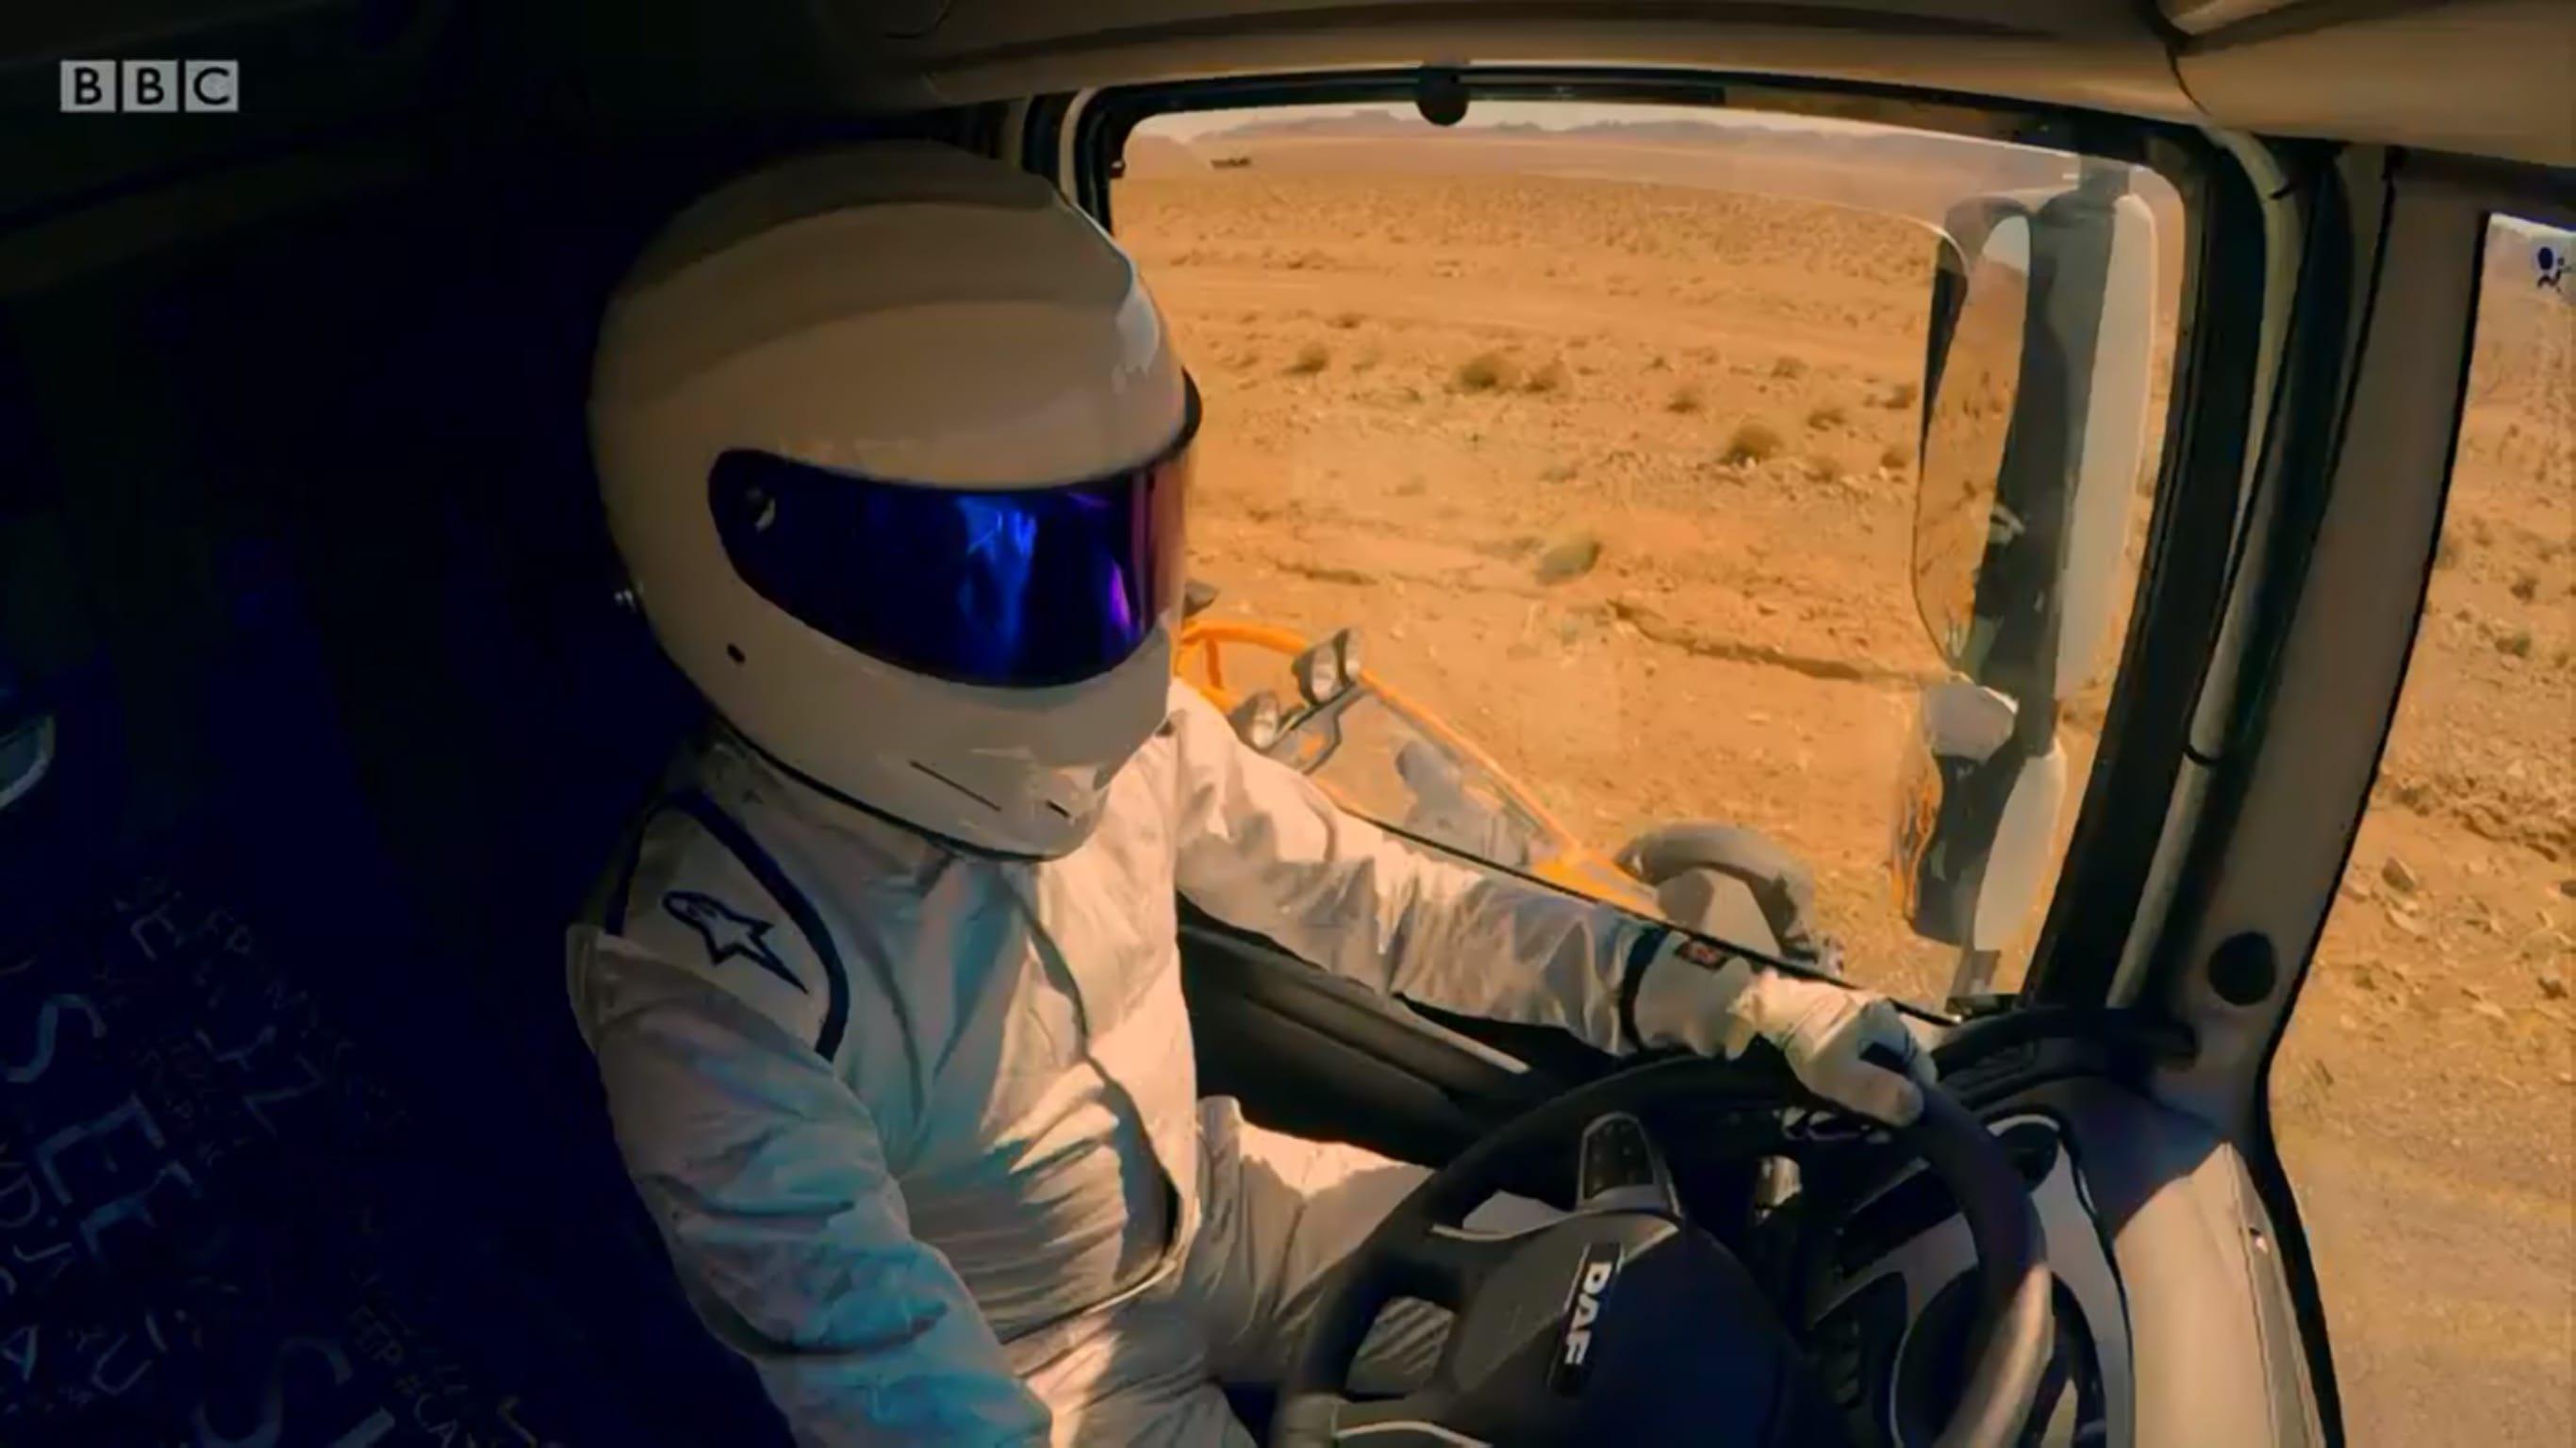 Nowy-Top-Gear-21-hero